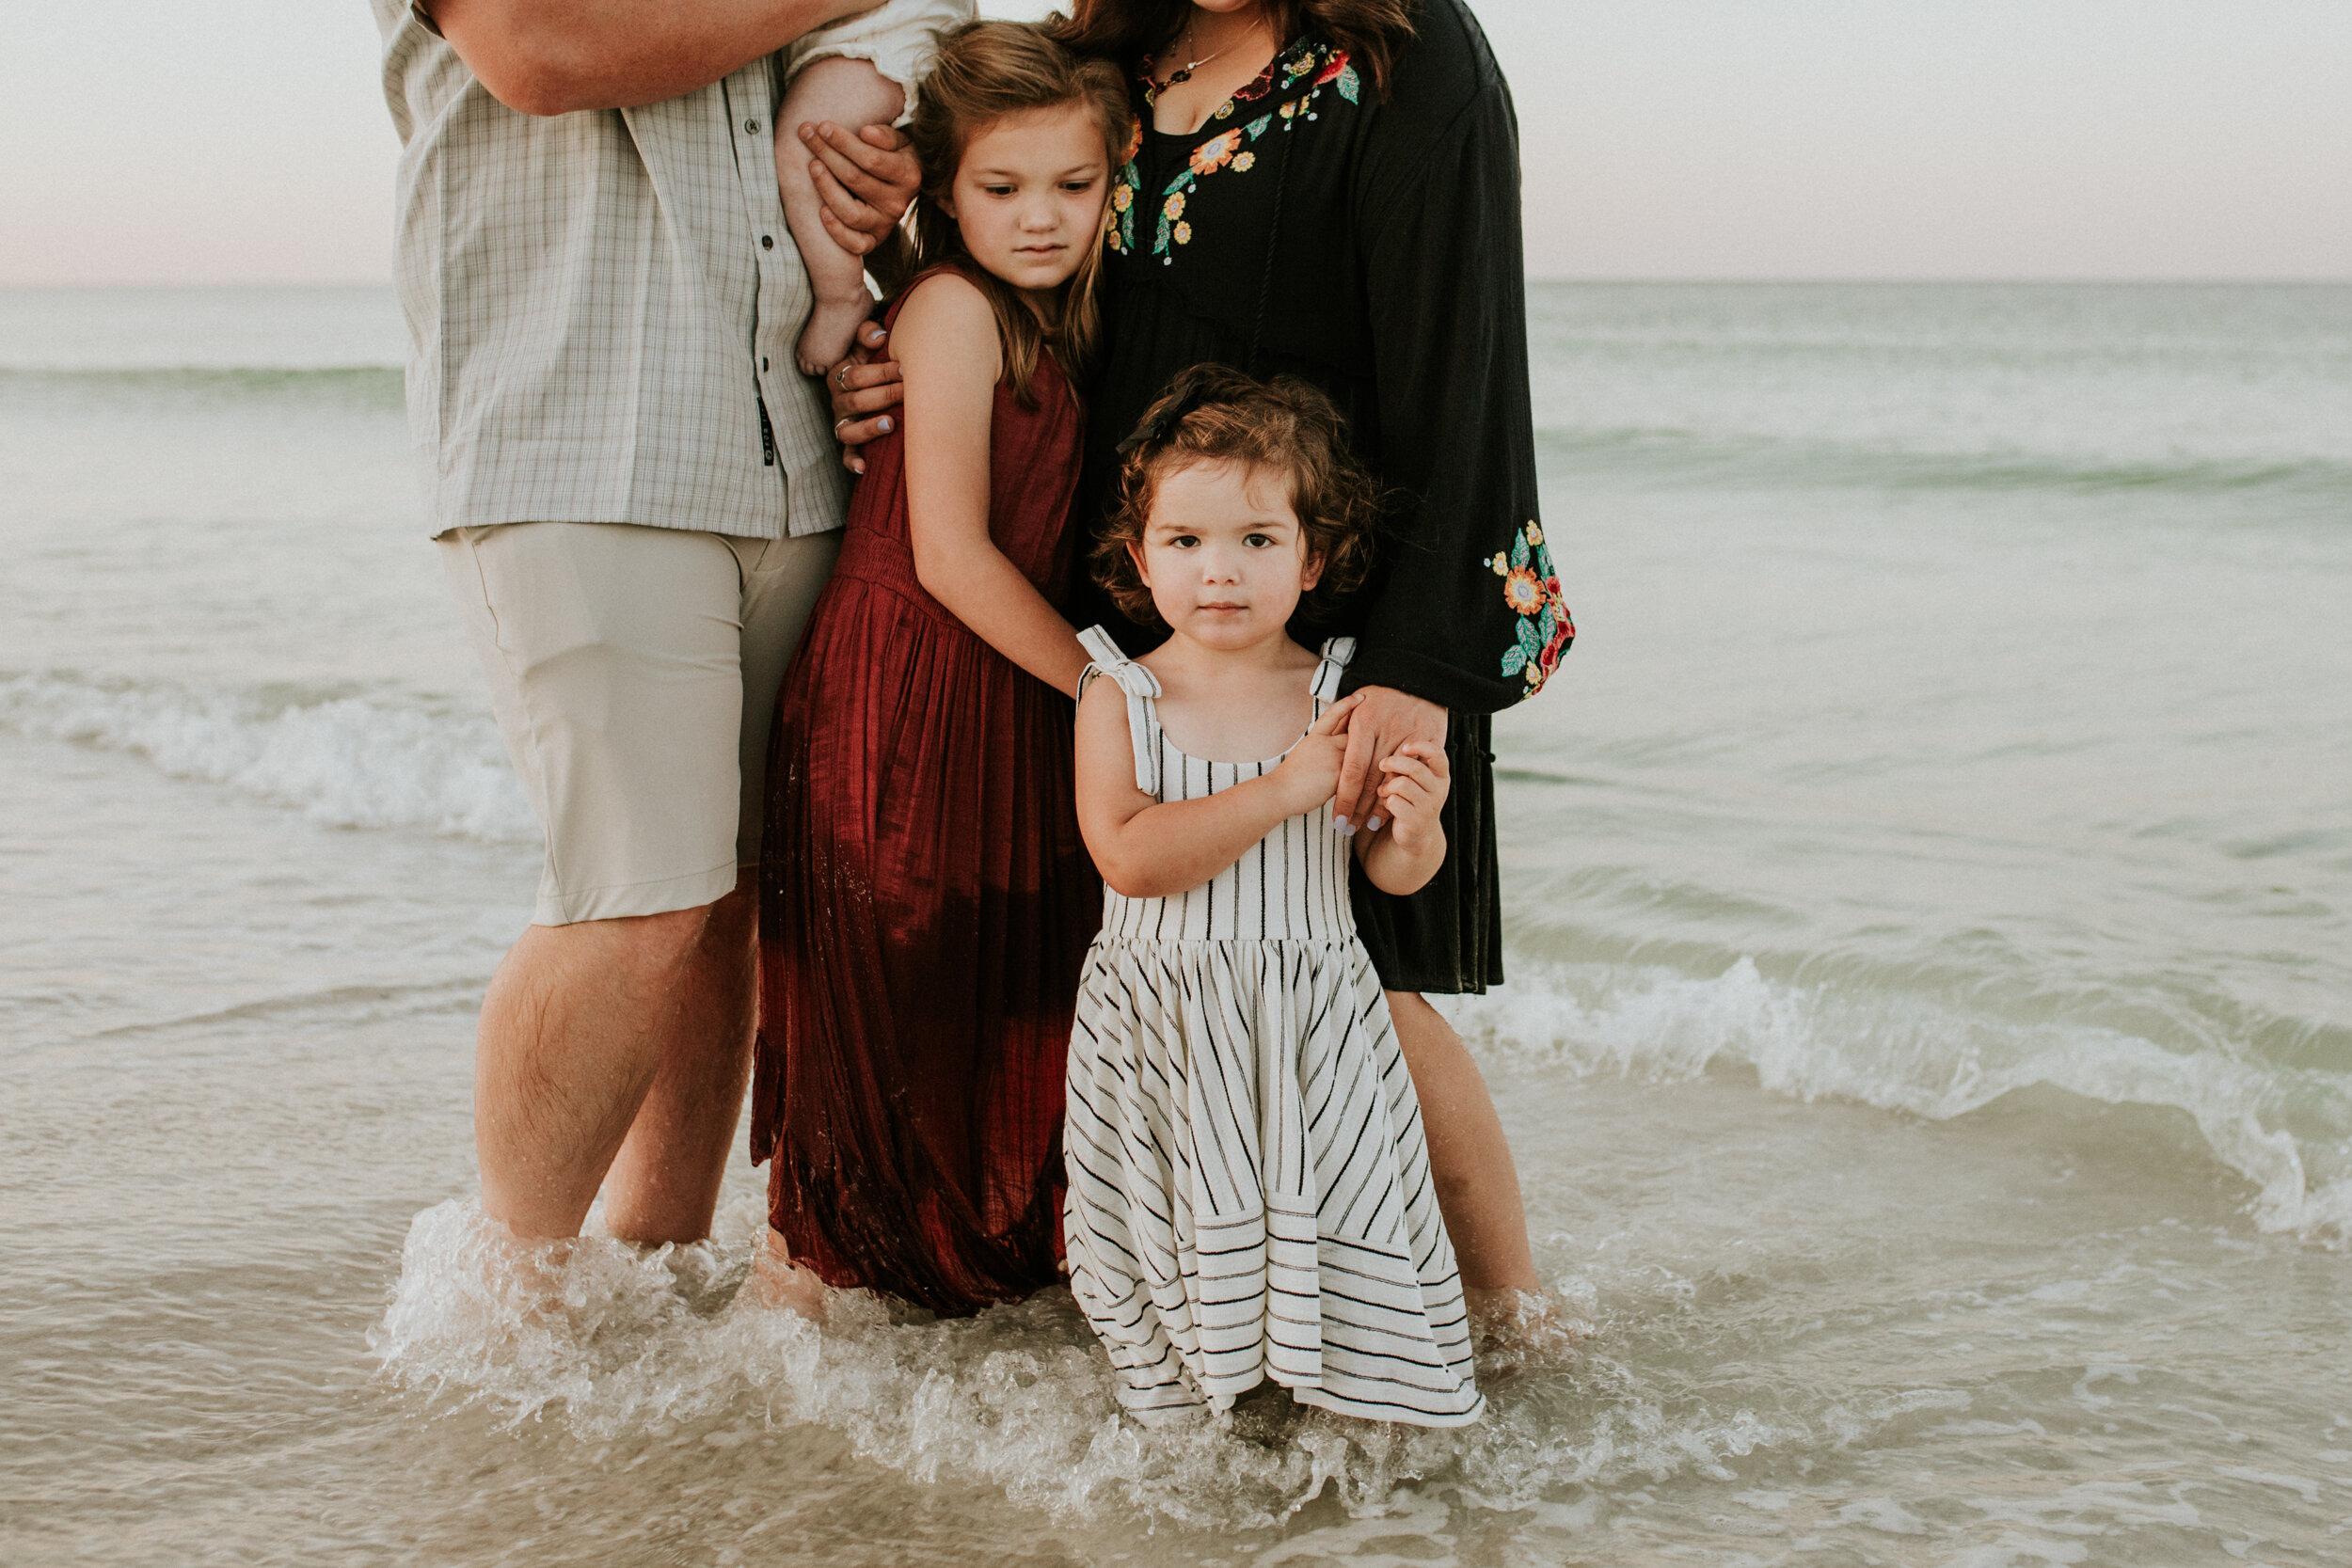 30a_Destin_Rosemary_Beach_Florida_Family_Photographer_Beach_Session-14.jpg